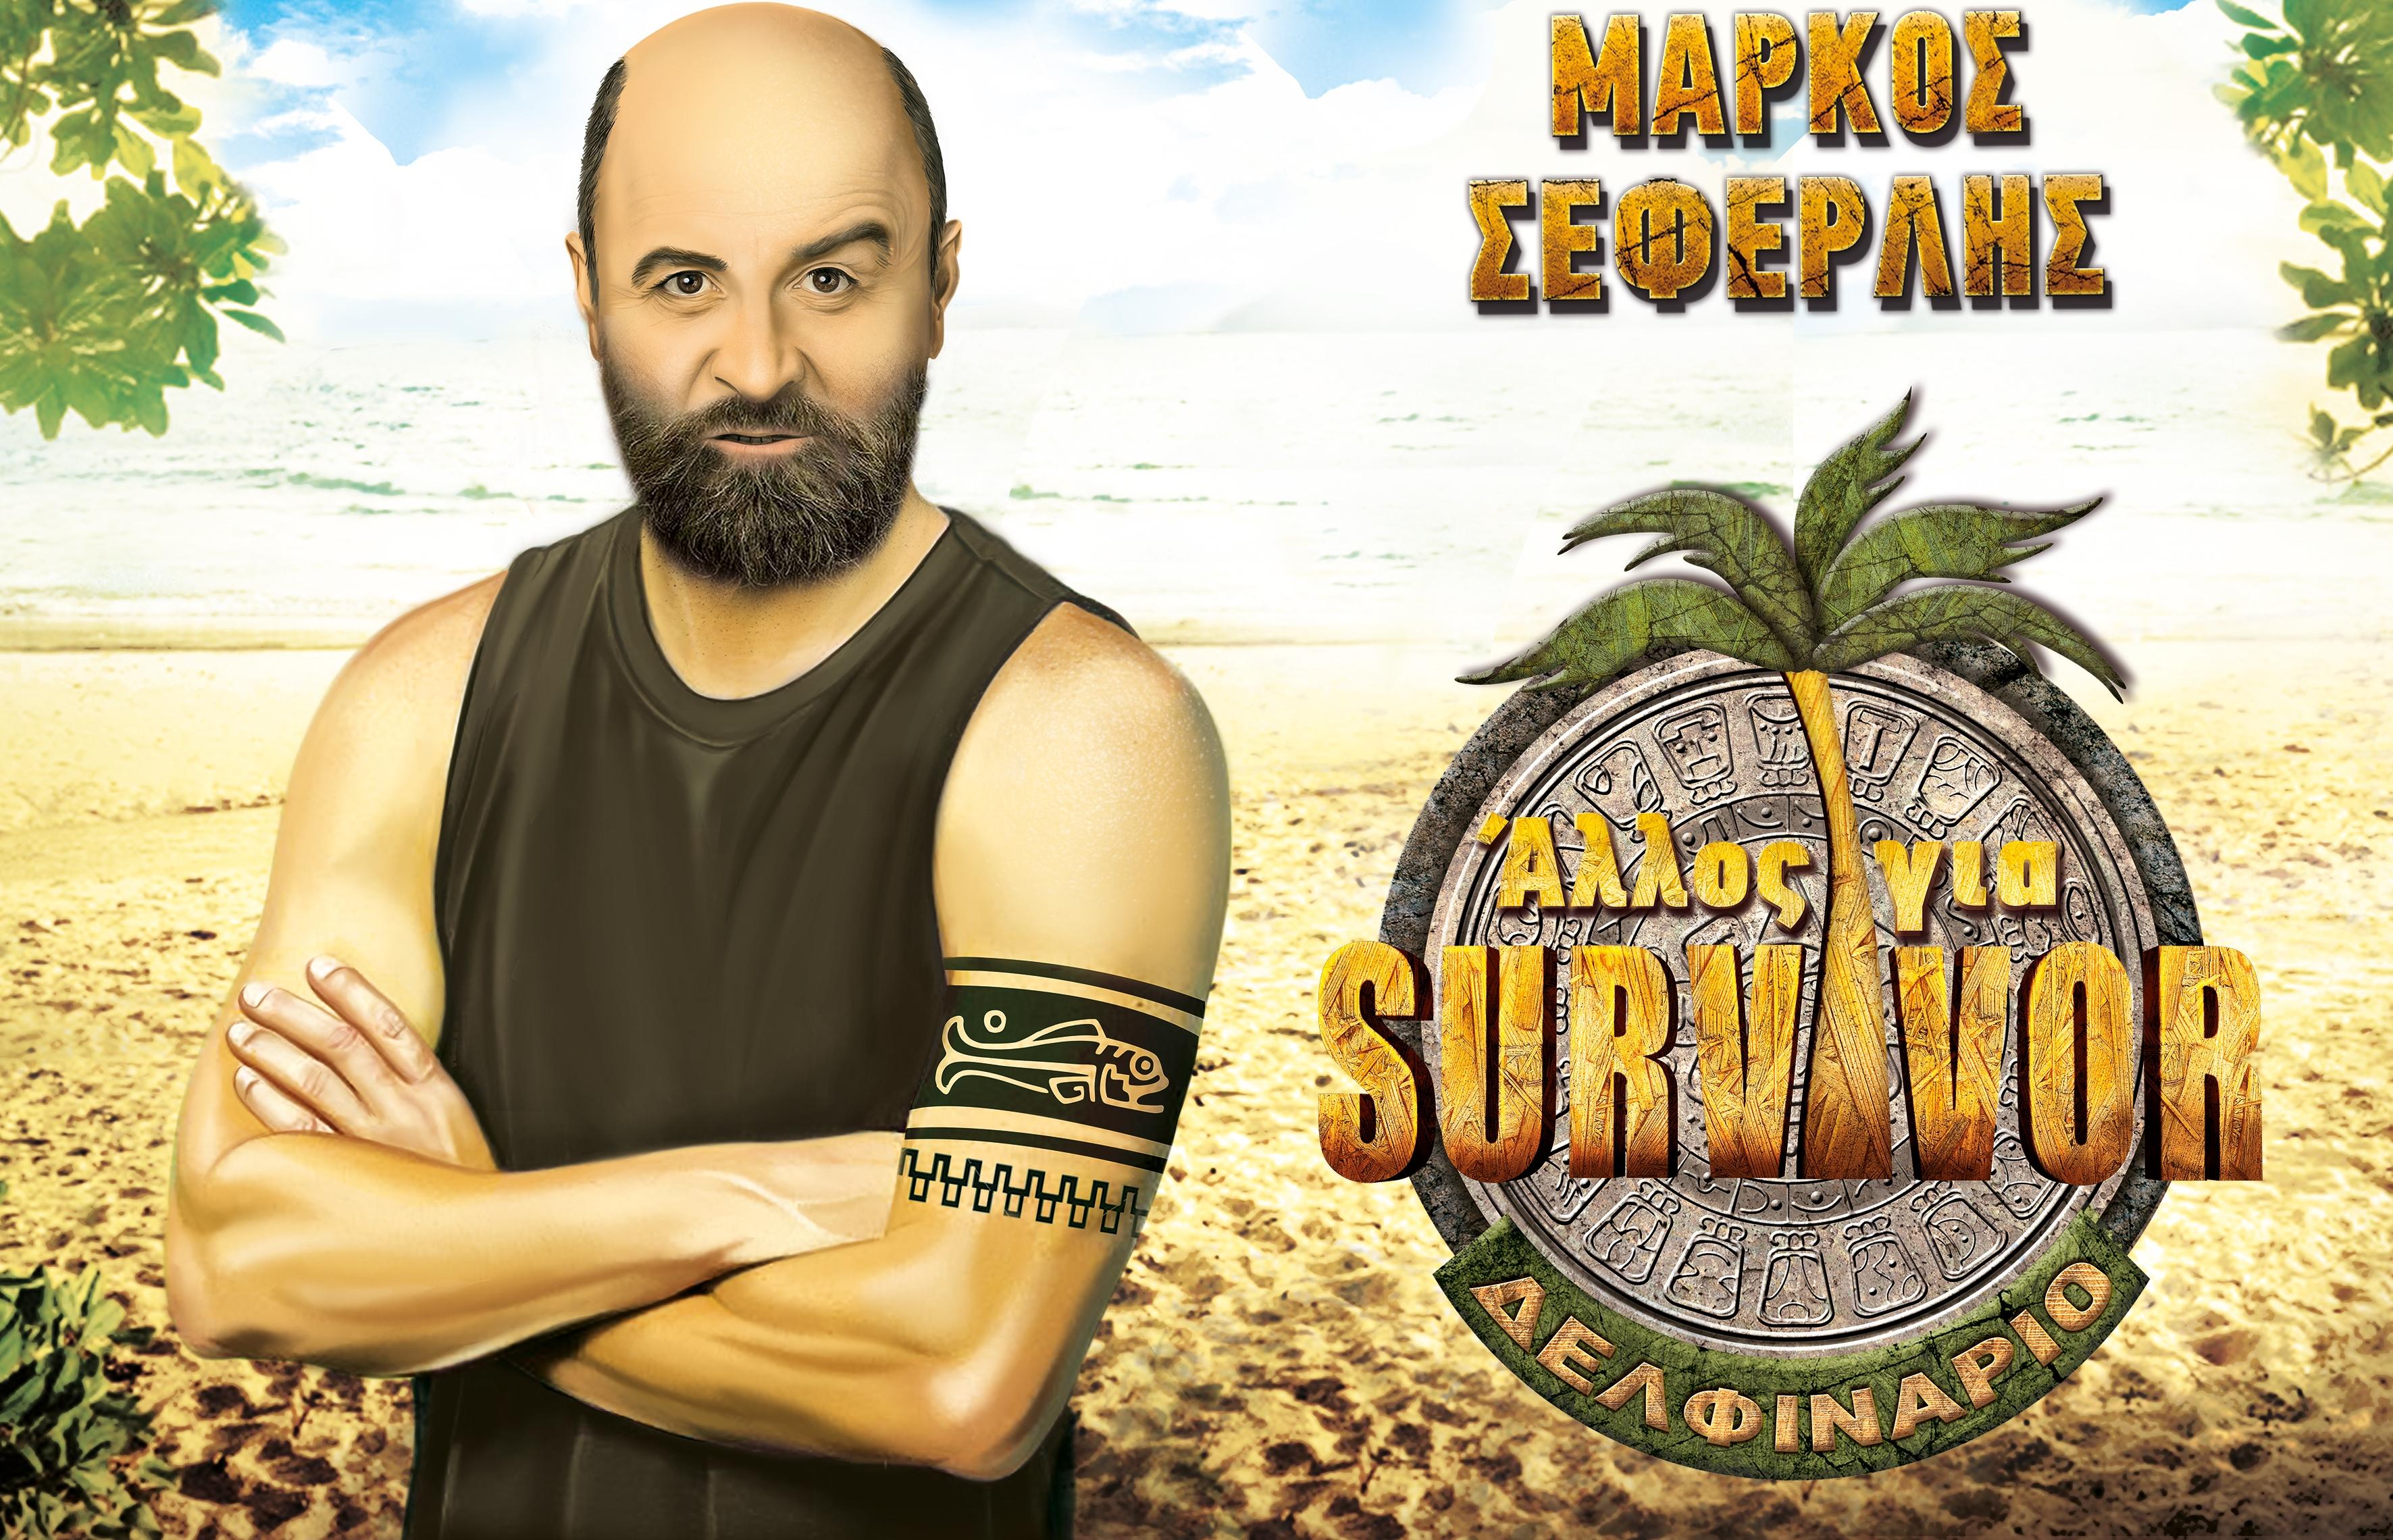 ''Άλλος για SURVIVOR'' με τον Μάρκο Σεφερλή στο Δελφινάριο: 14€ από 20€ για είσοδο στην επιθεώρηση που φέρνει το Survivor (...χωρίς υπερβολή) στο θέατρο!